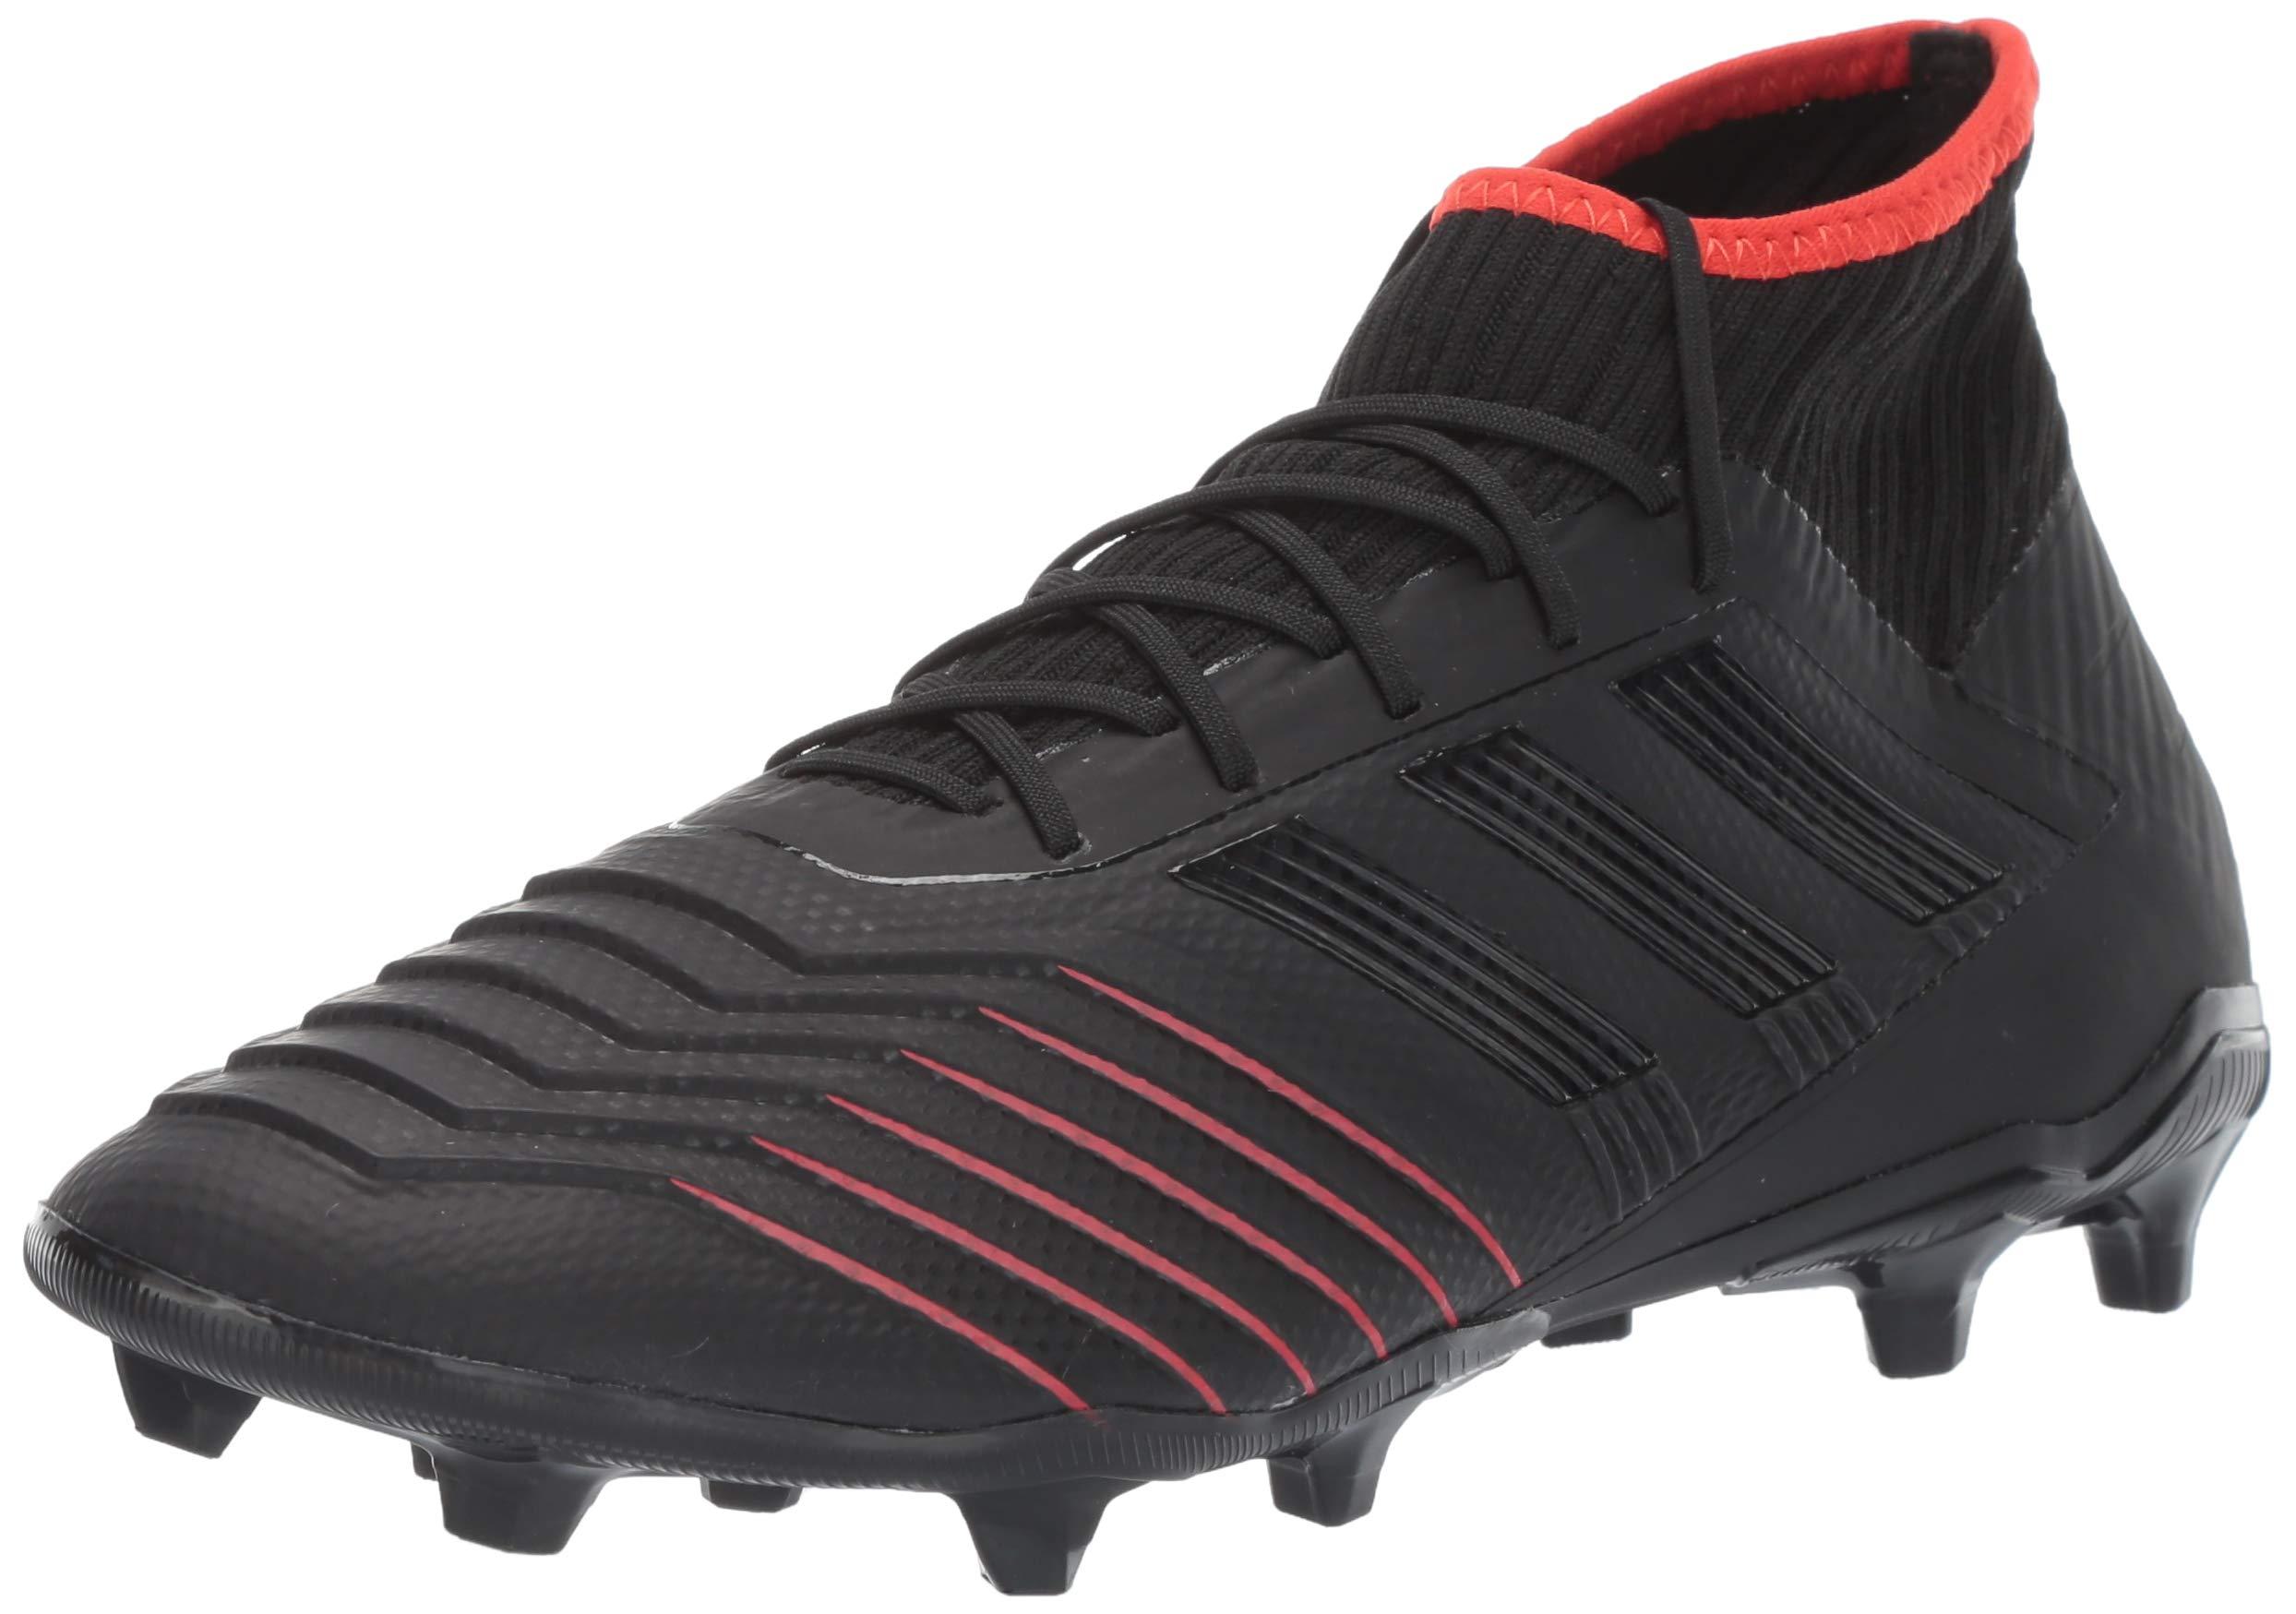 adidas Men's Predator 19.2 Firm Ground, Black/Active red, 7 M US